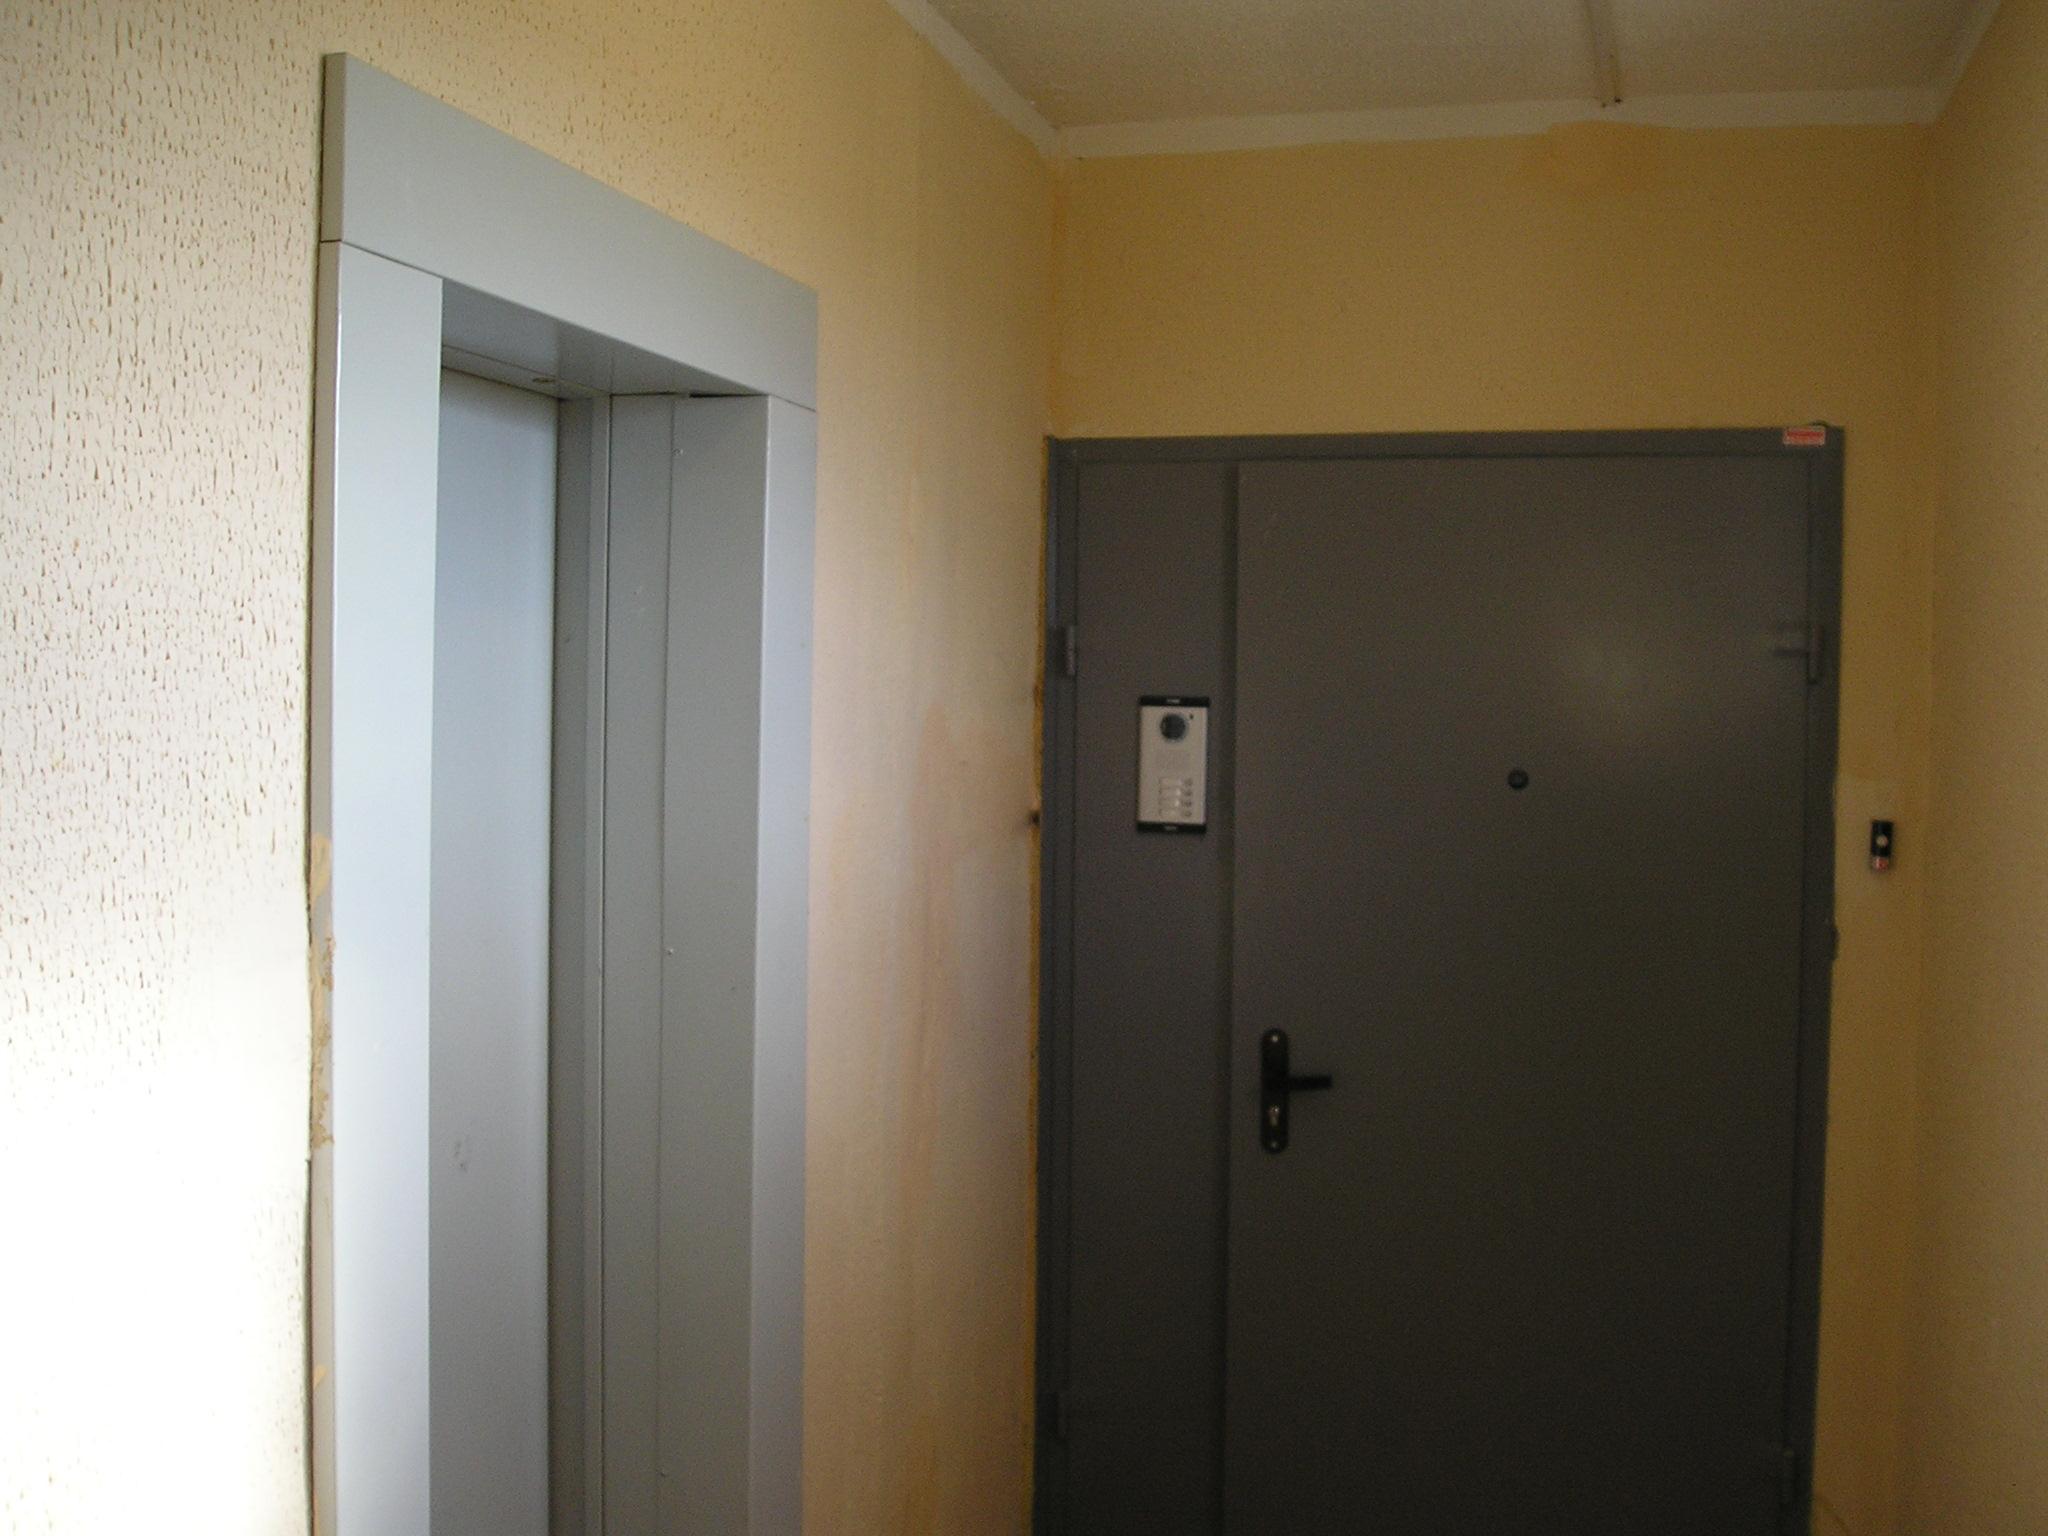 входные двери в жилую квартиру